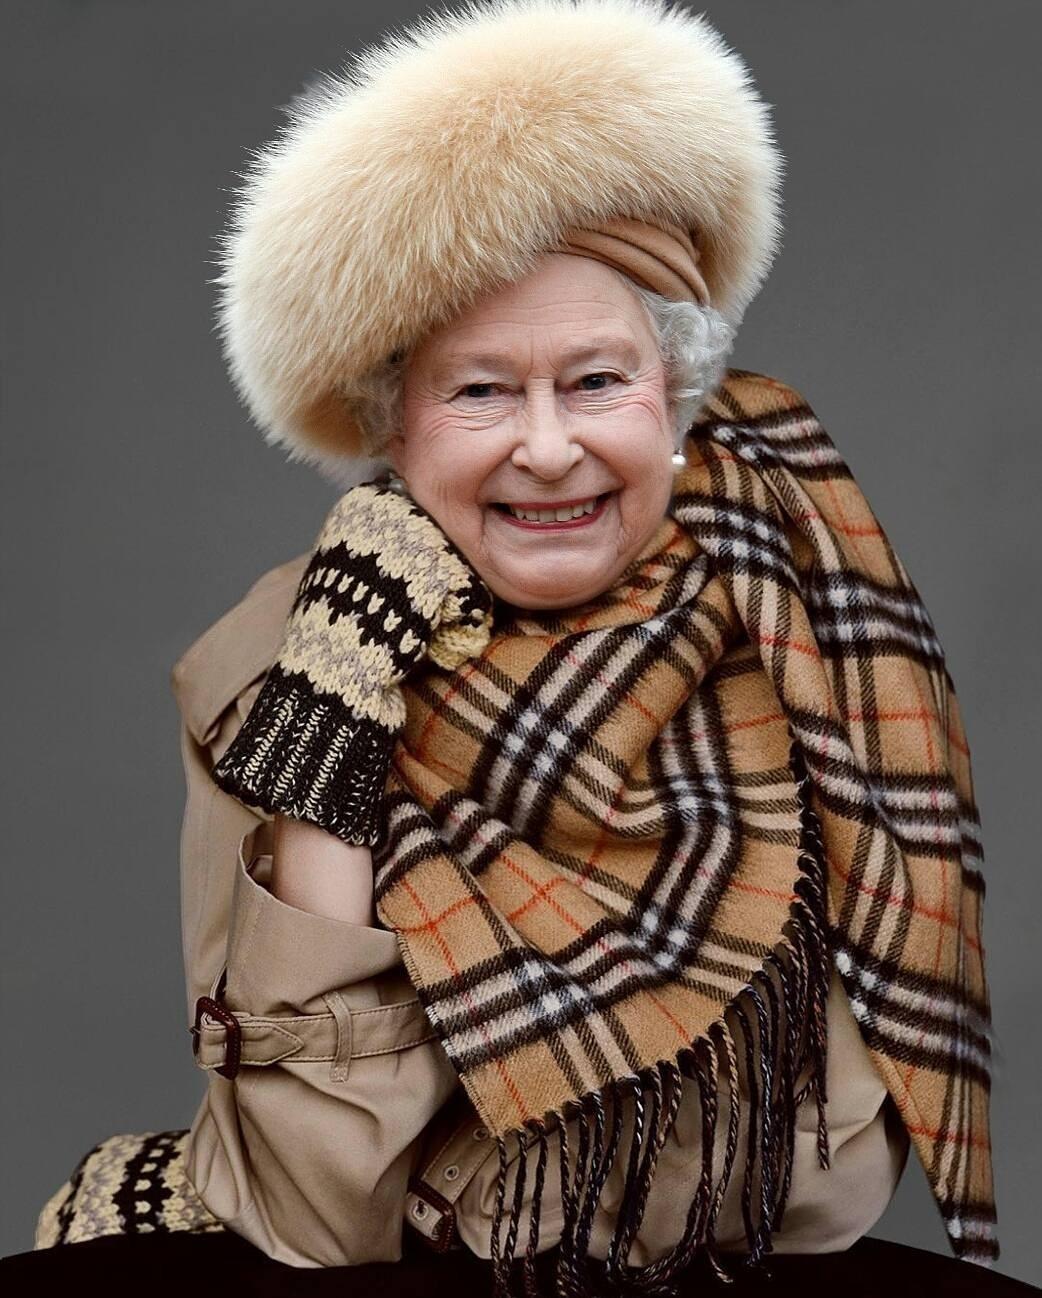 Первые ассоциации с Лондоном: королева, чаепитие «five o'clock» и, разумеется, Burberry. И если послеполуденной чай совершенно точно есть в расписании Елизаветы II, то насчет вещей от Bur...